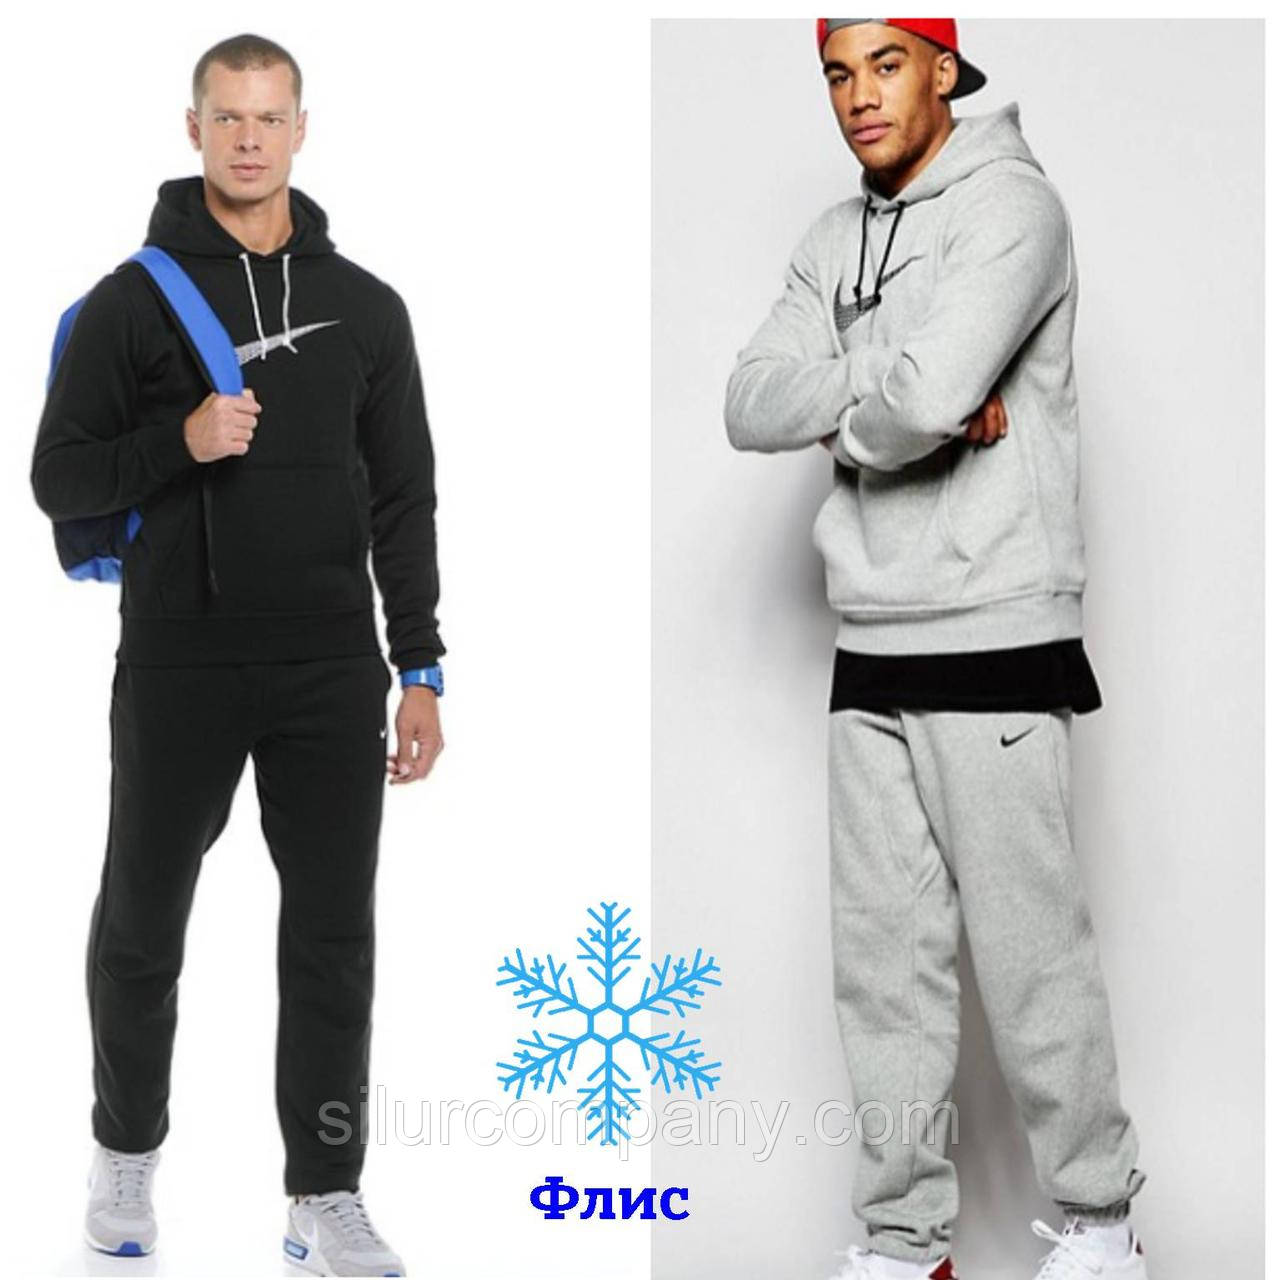 8983ed3de1b8 Теплый спортивный костюм Nike на флисе мужской - Интернет магазин